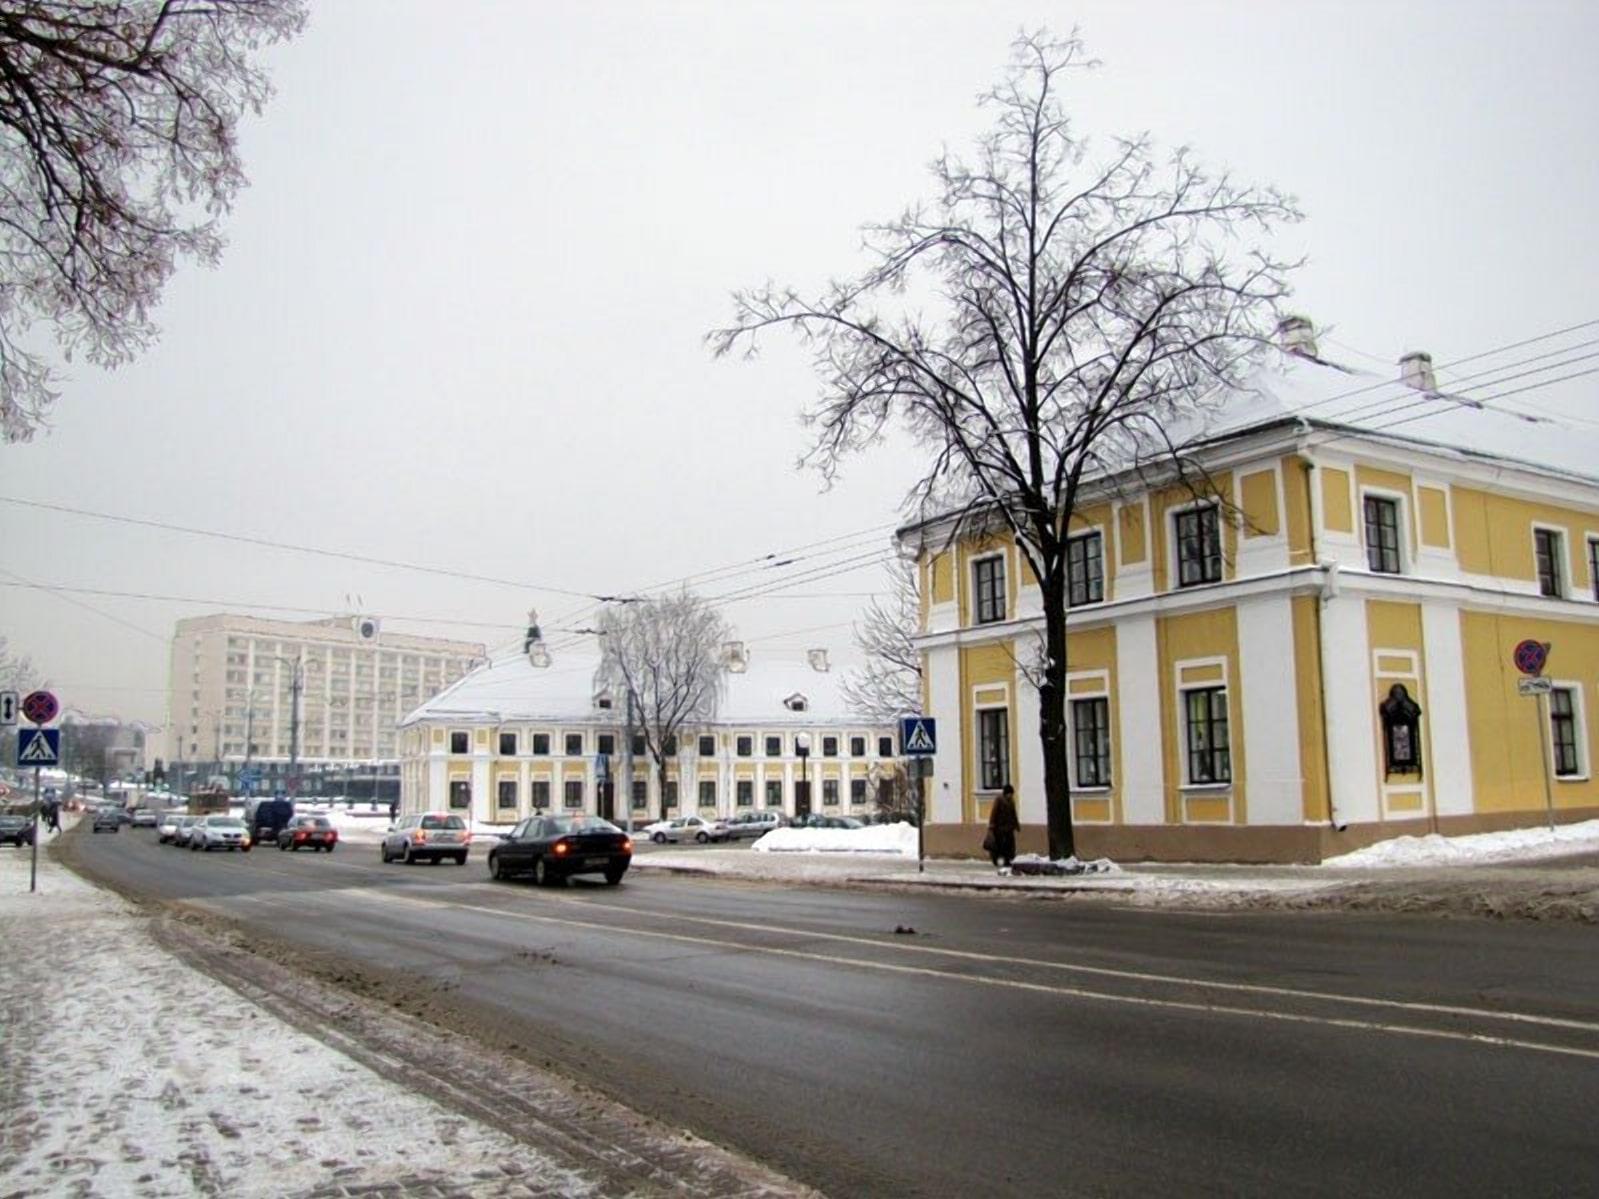 Район Городница Тызенгауза в Гродно